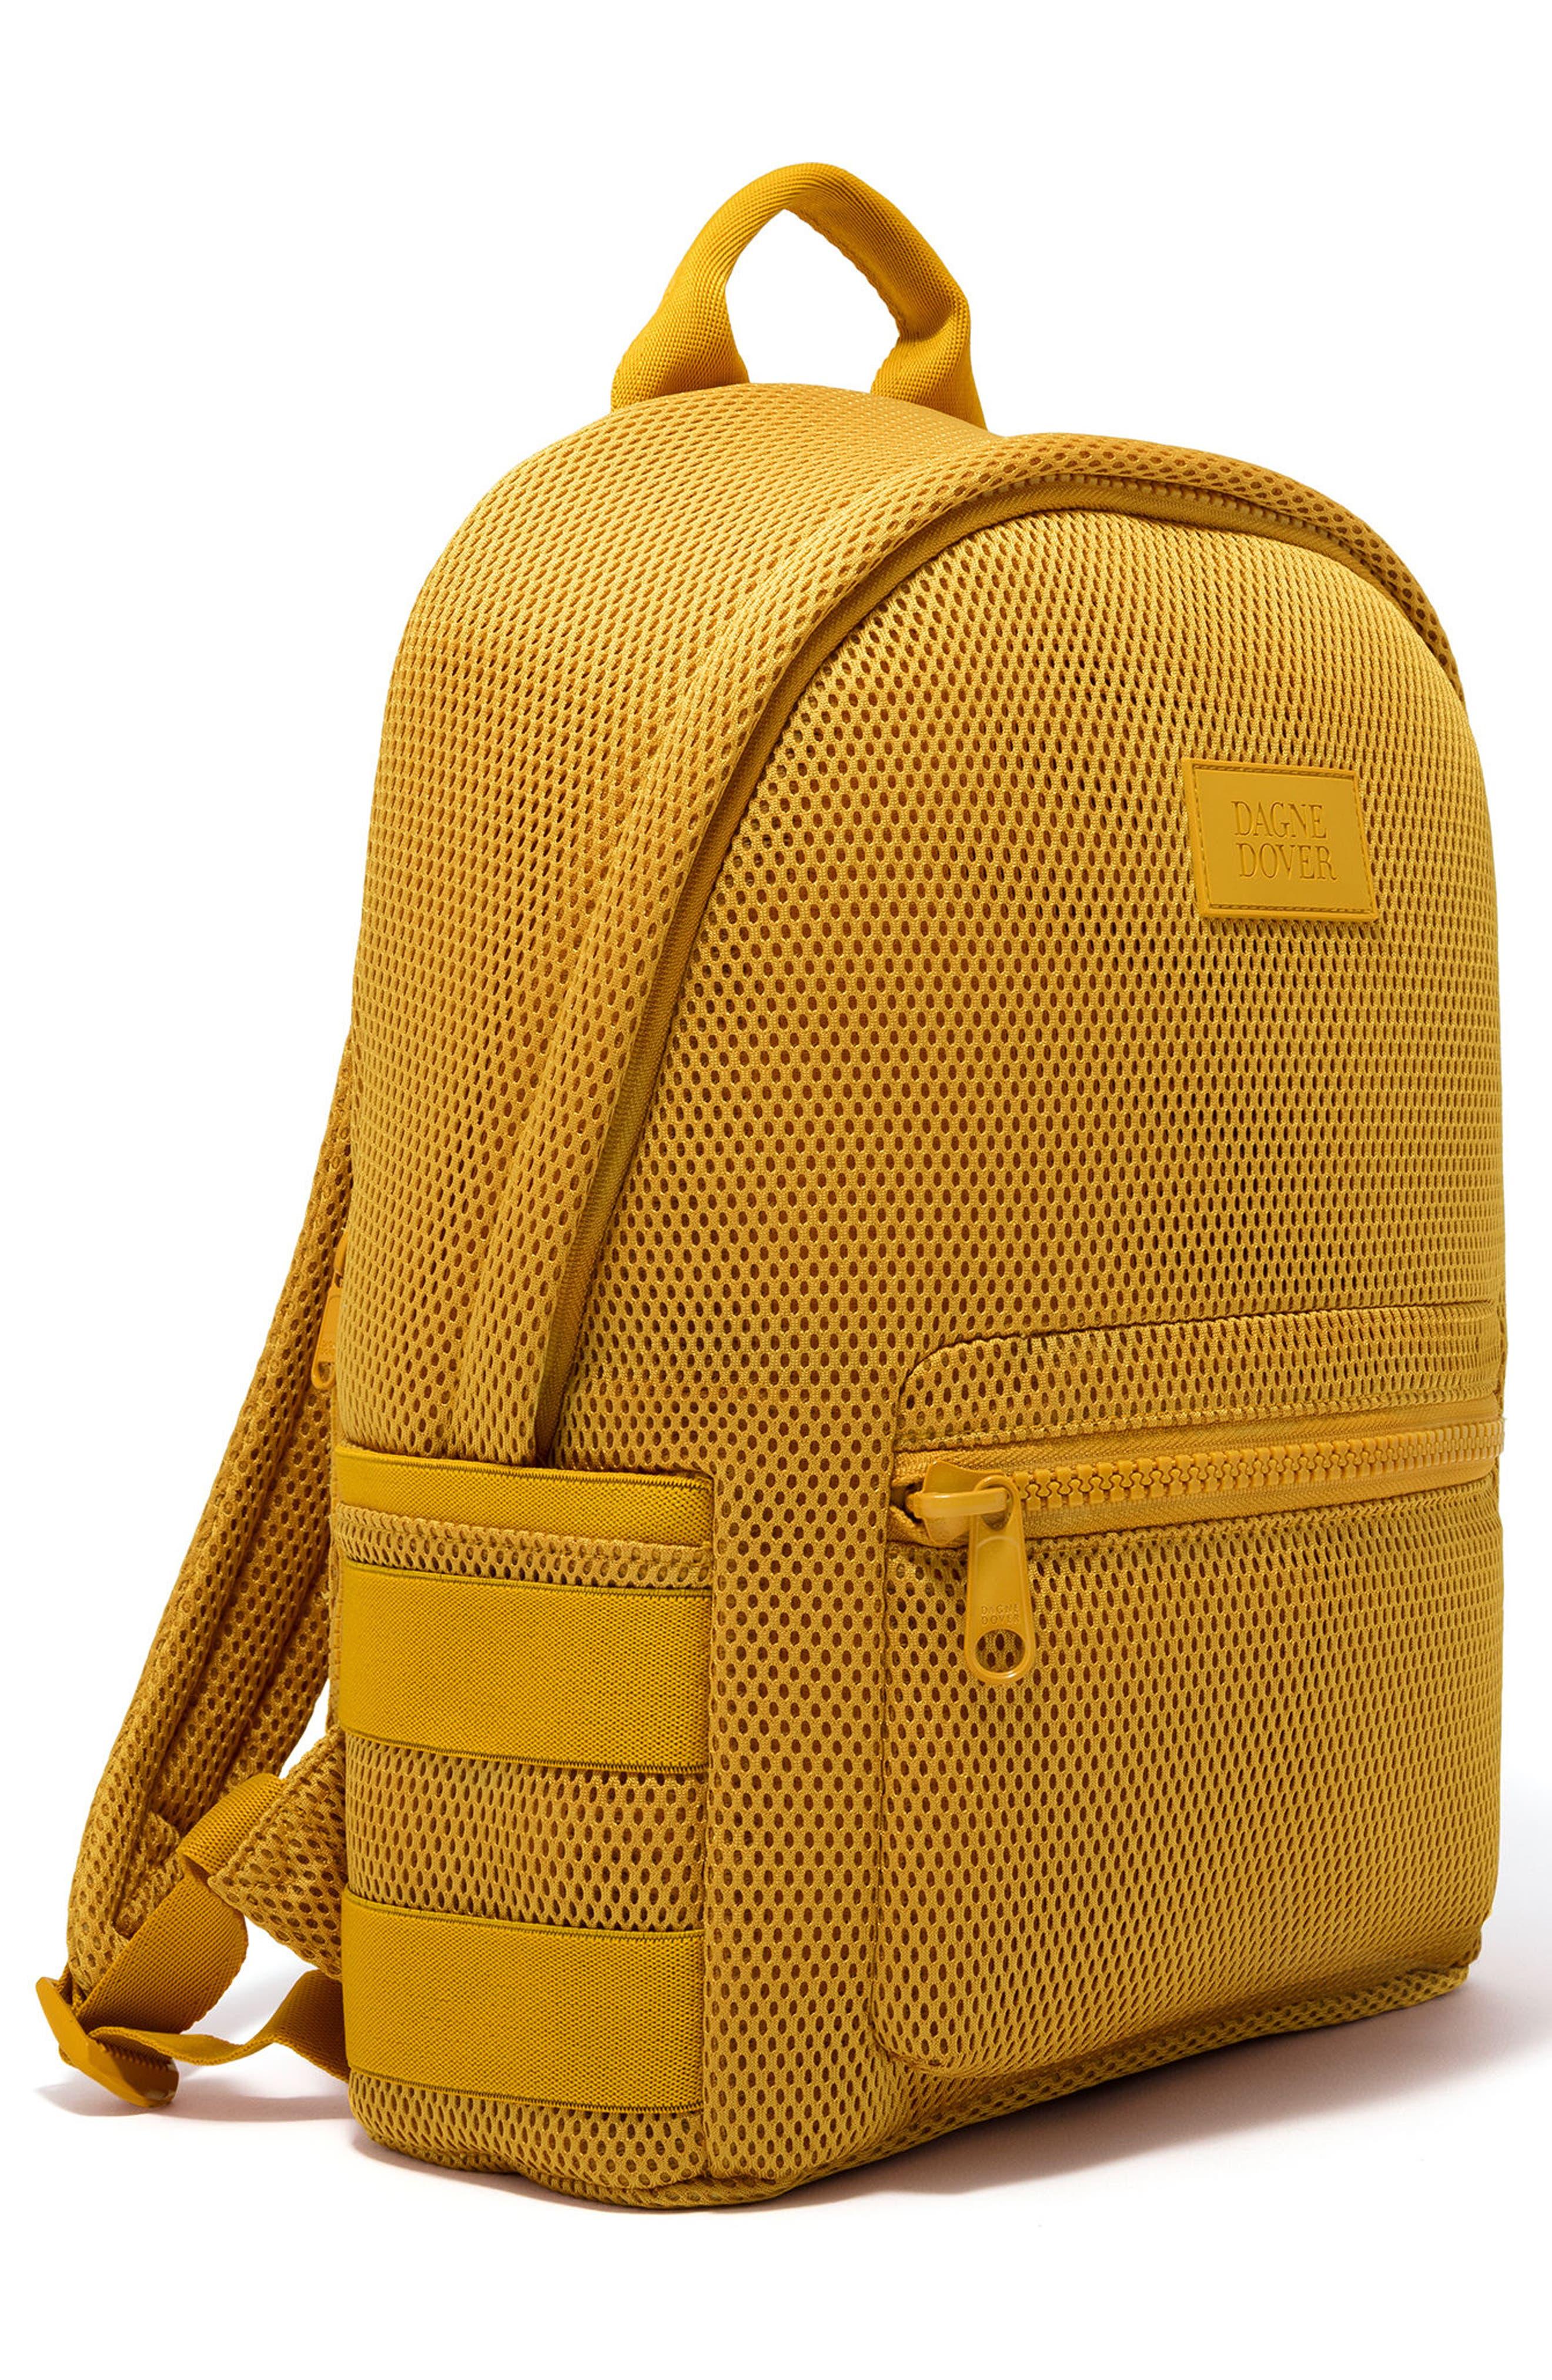 365 Dakota Neoprene Backpack,                             Alternate thumbnail 47, color,